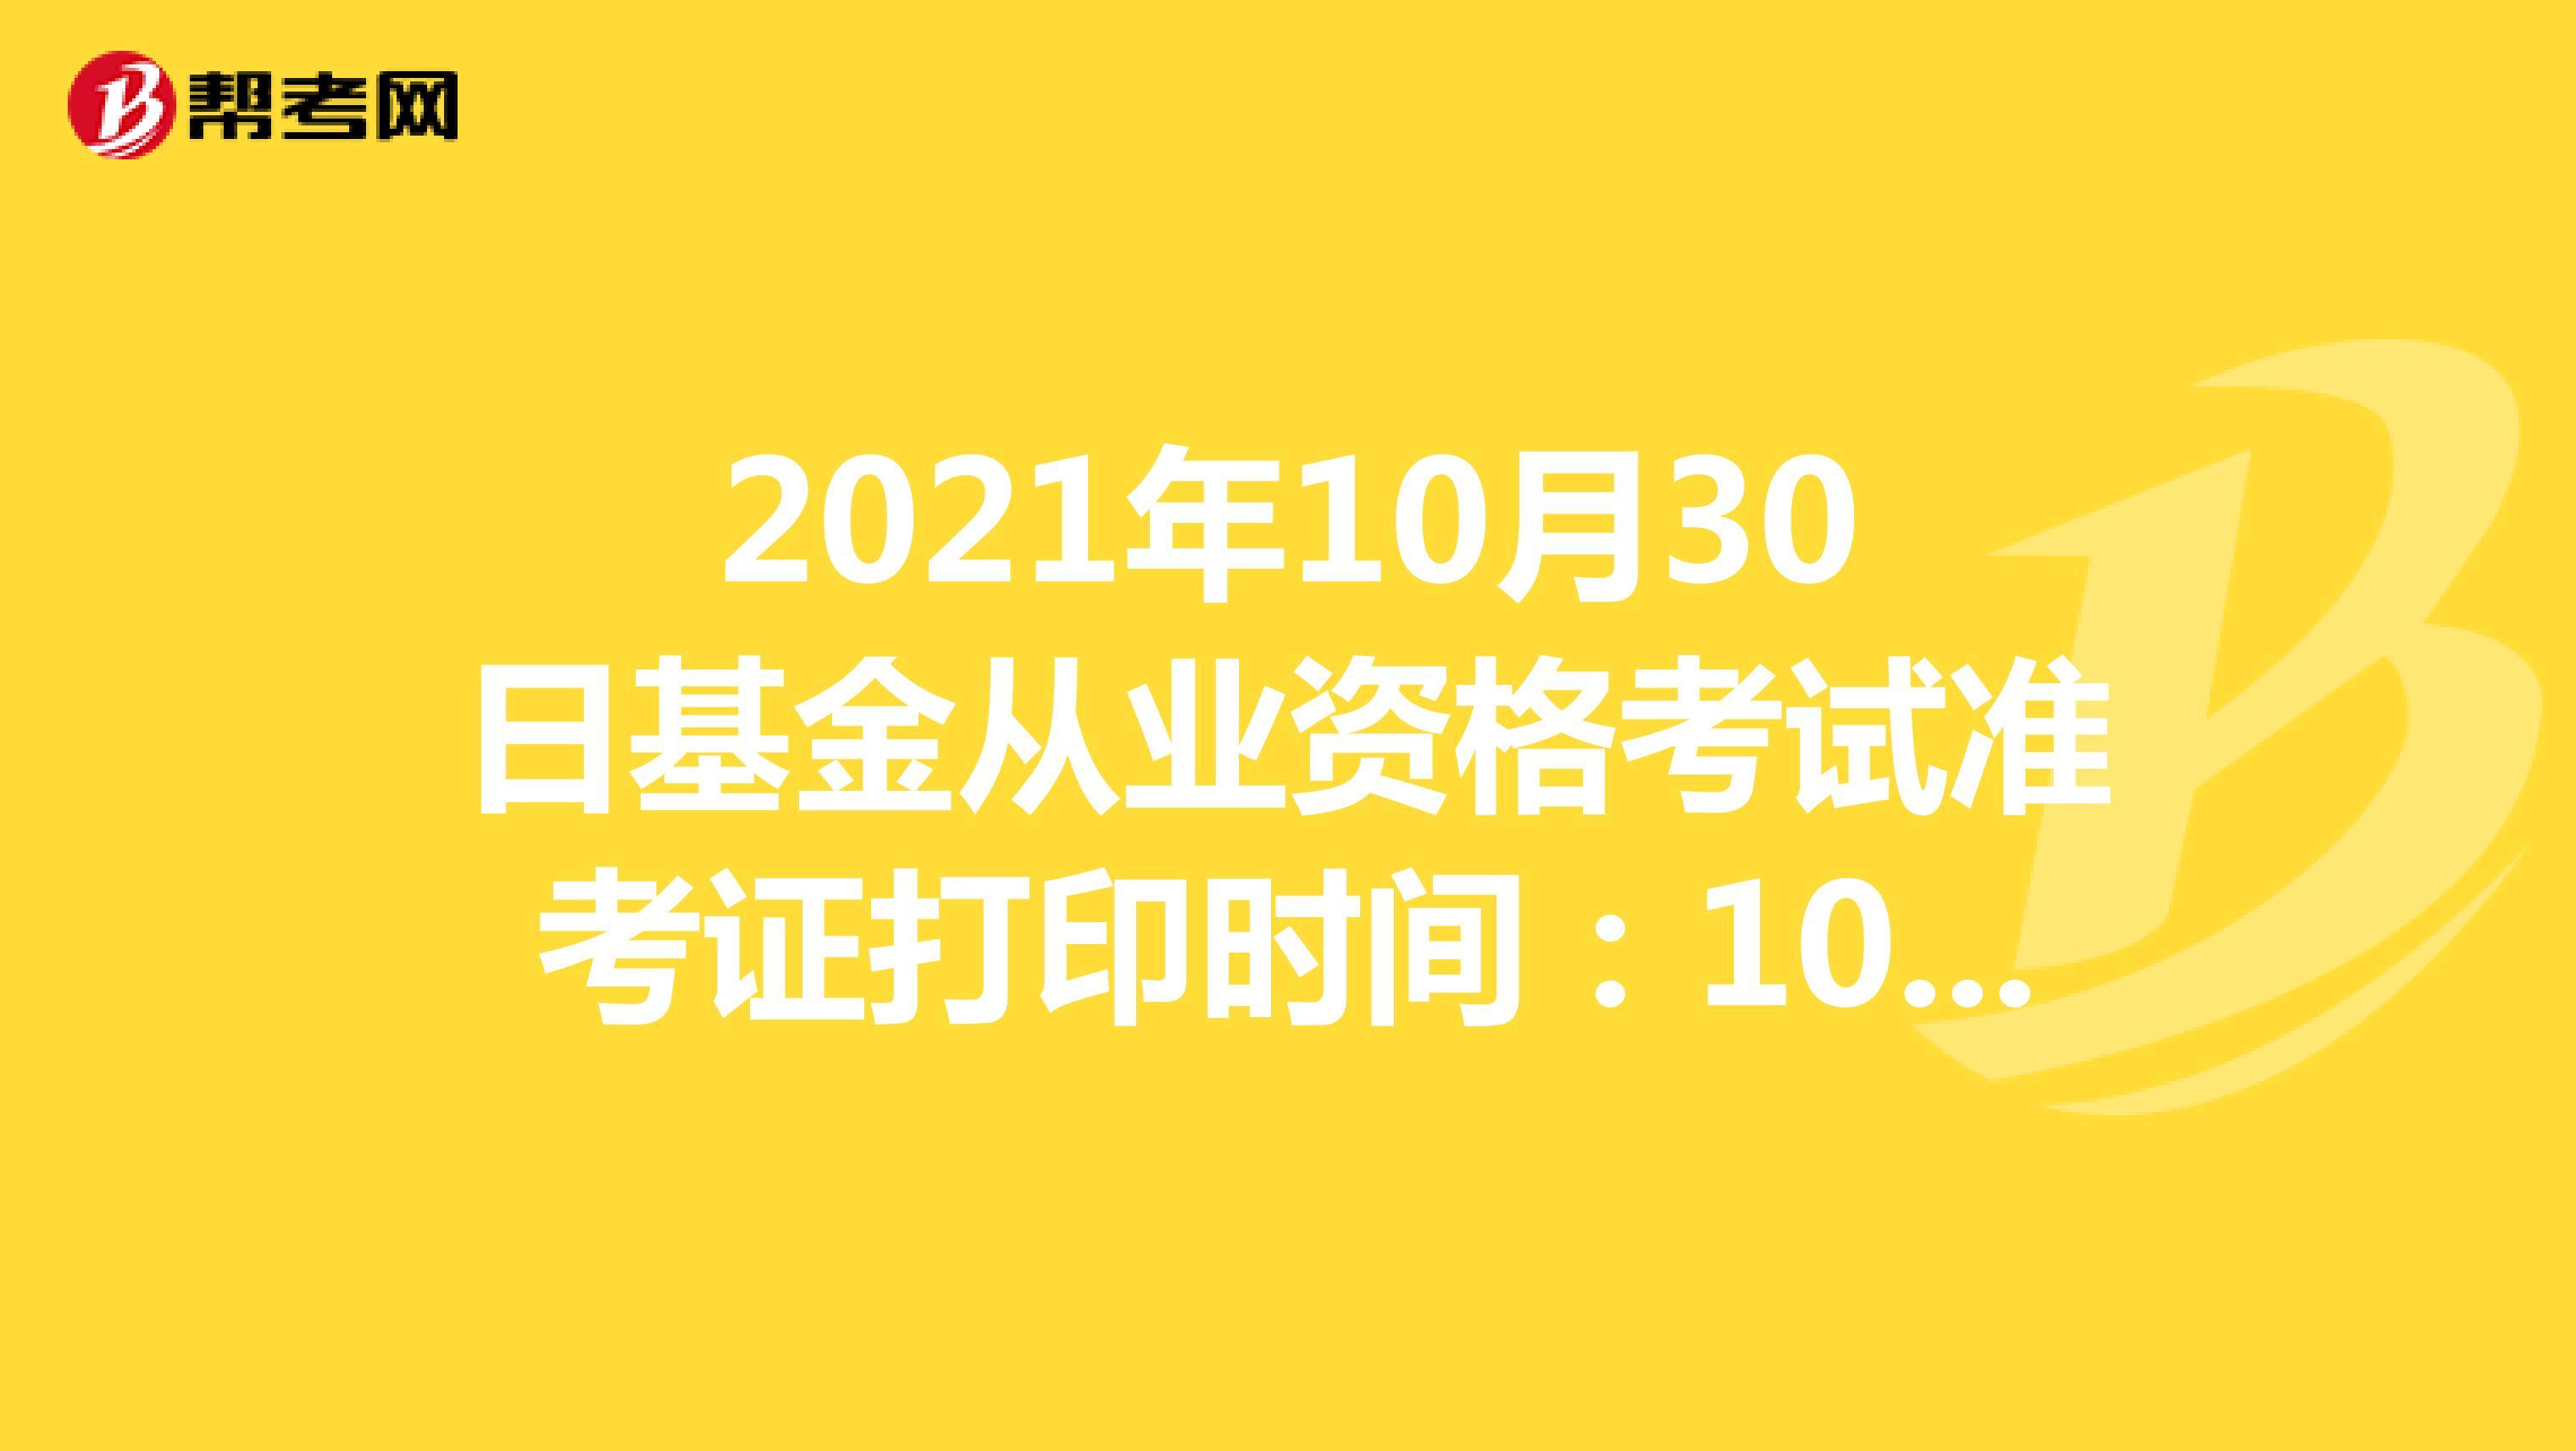 2021年10月30日基金考试准考证打印时间:10月27日-10月30日